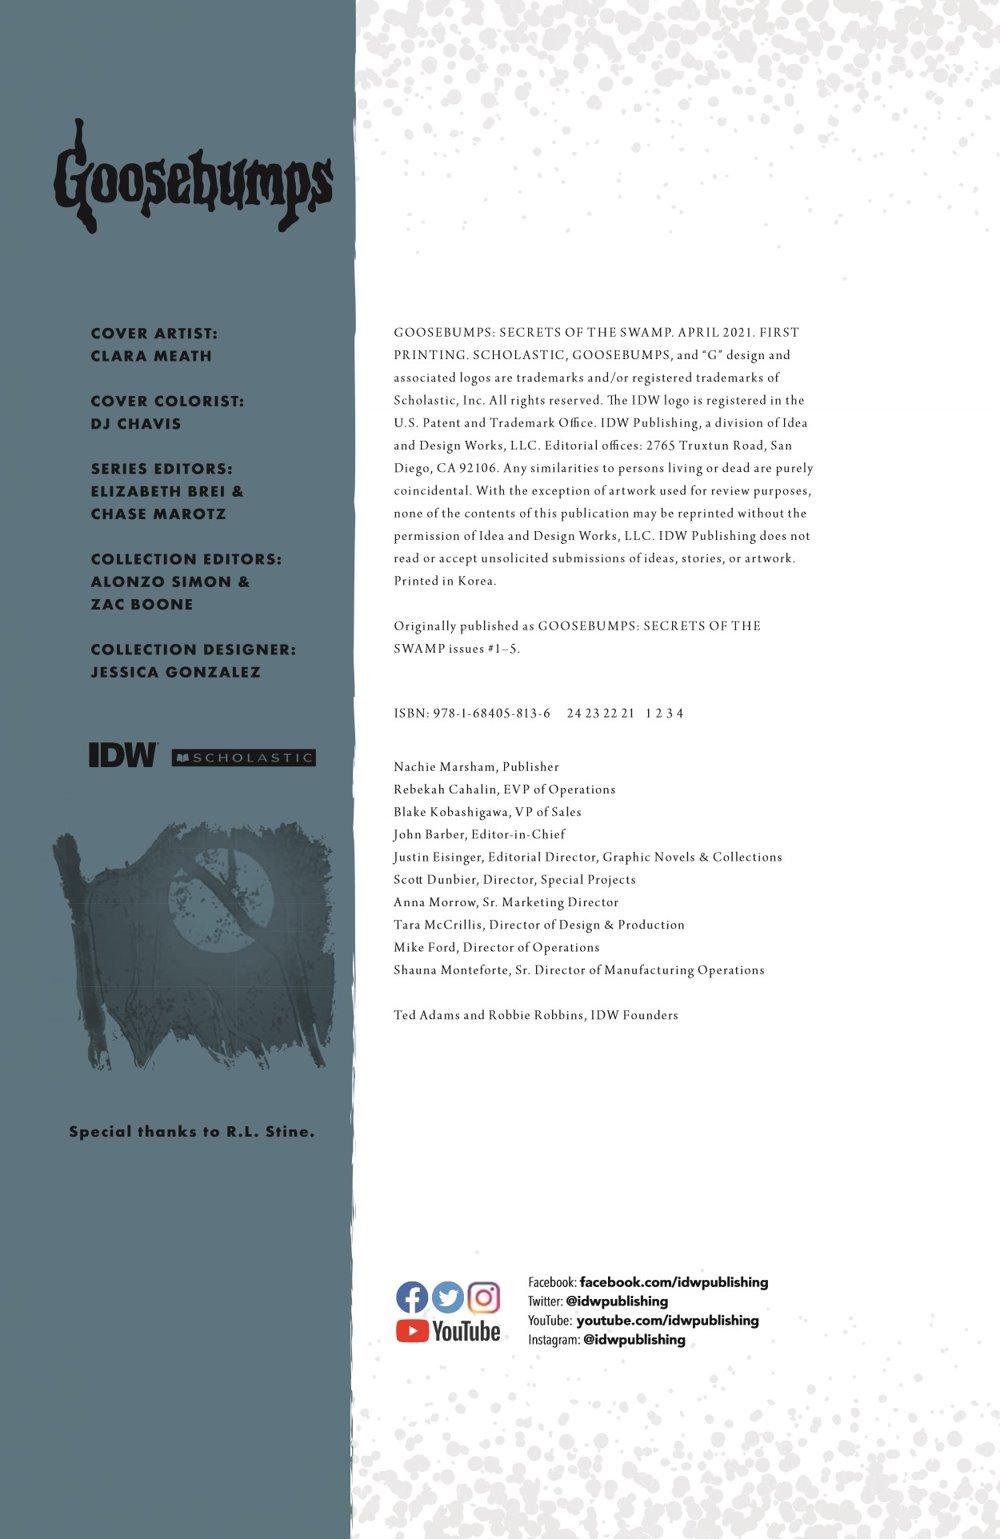 GB_SotS_VOL1_pr-2 ComicList Previews: GOOSEBUMPS SECRET OF THE SWAMP TP